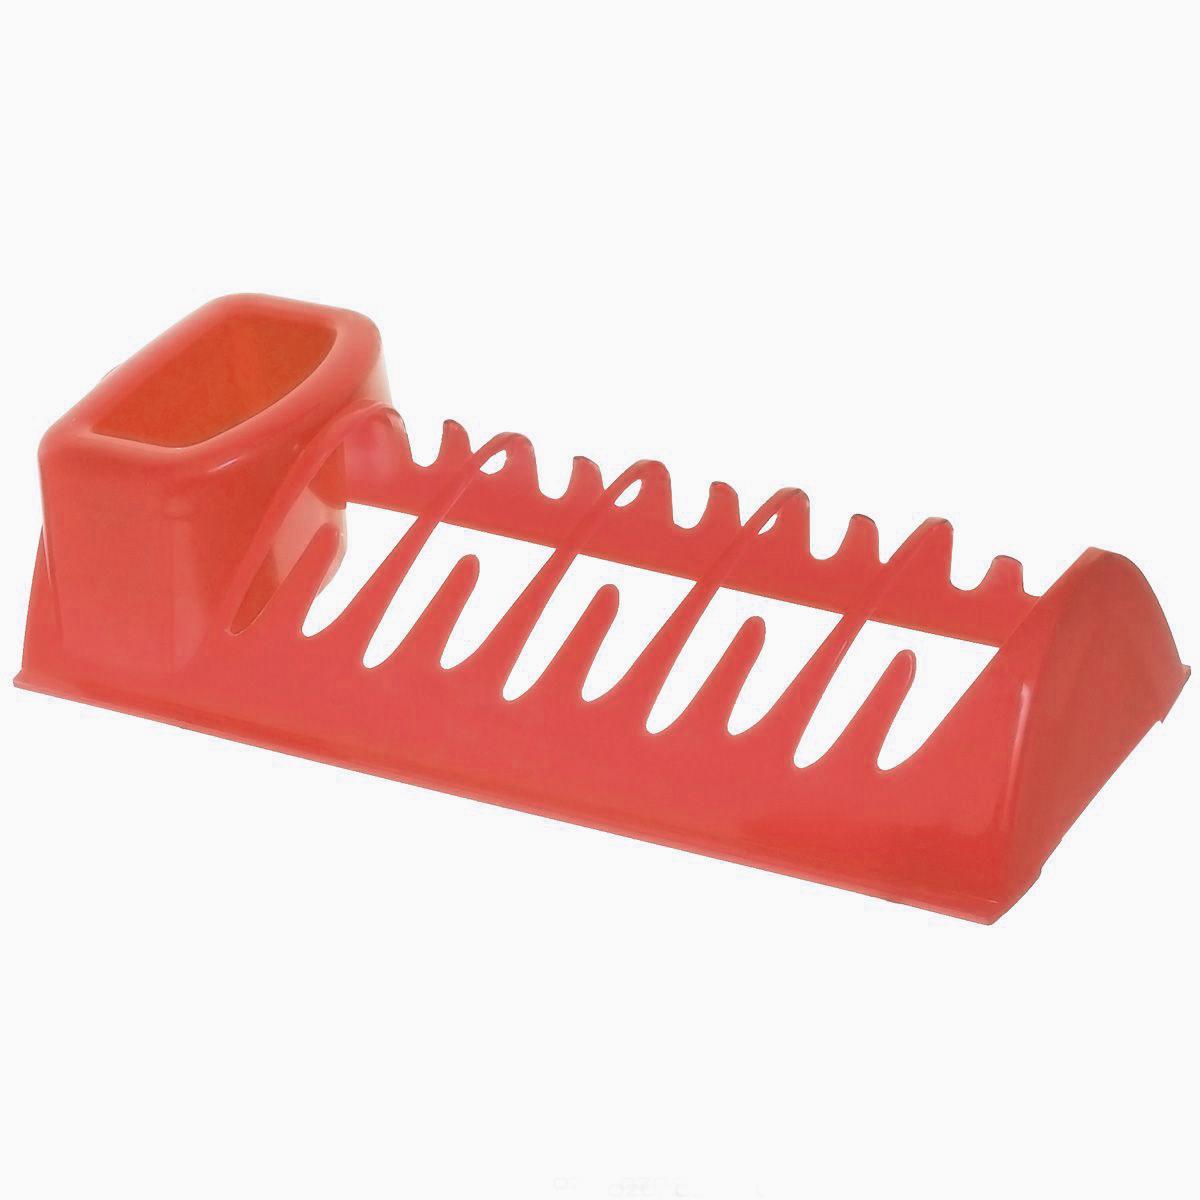 Сушилка для посуды Idea Эконом, цвет: красный, 34 см х 14,5 см х 8,5 смМ 1173Сушилка для посуды Idea Эконом, выполненная из высококачественного пластика, представляет собой решетку с ячейками, в которые помещается посуда, и отделение для столовых приборов. Ваши тарелки высохнут быстро, если после мойки вы поместите их в легкую, яркую, современную пластиковую сушилку.